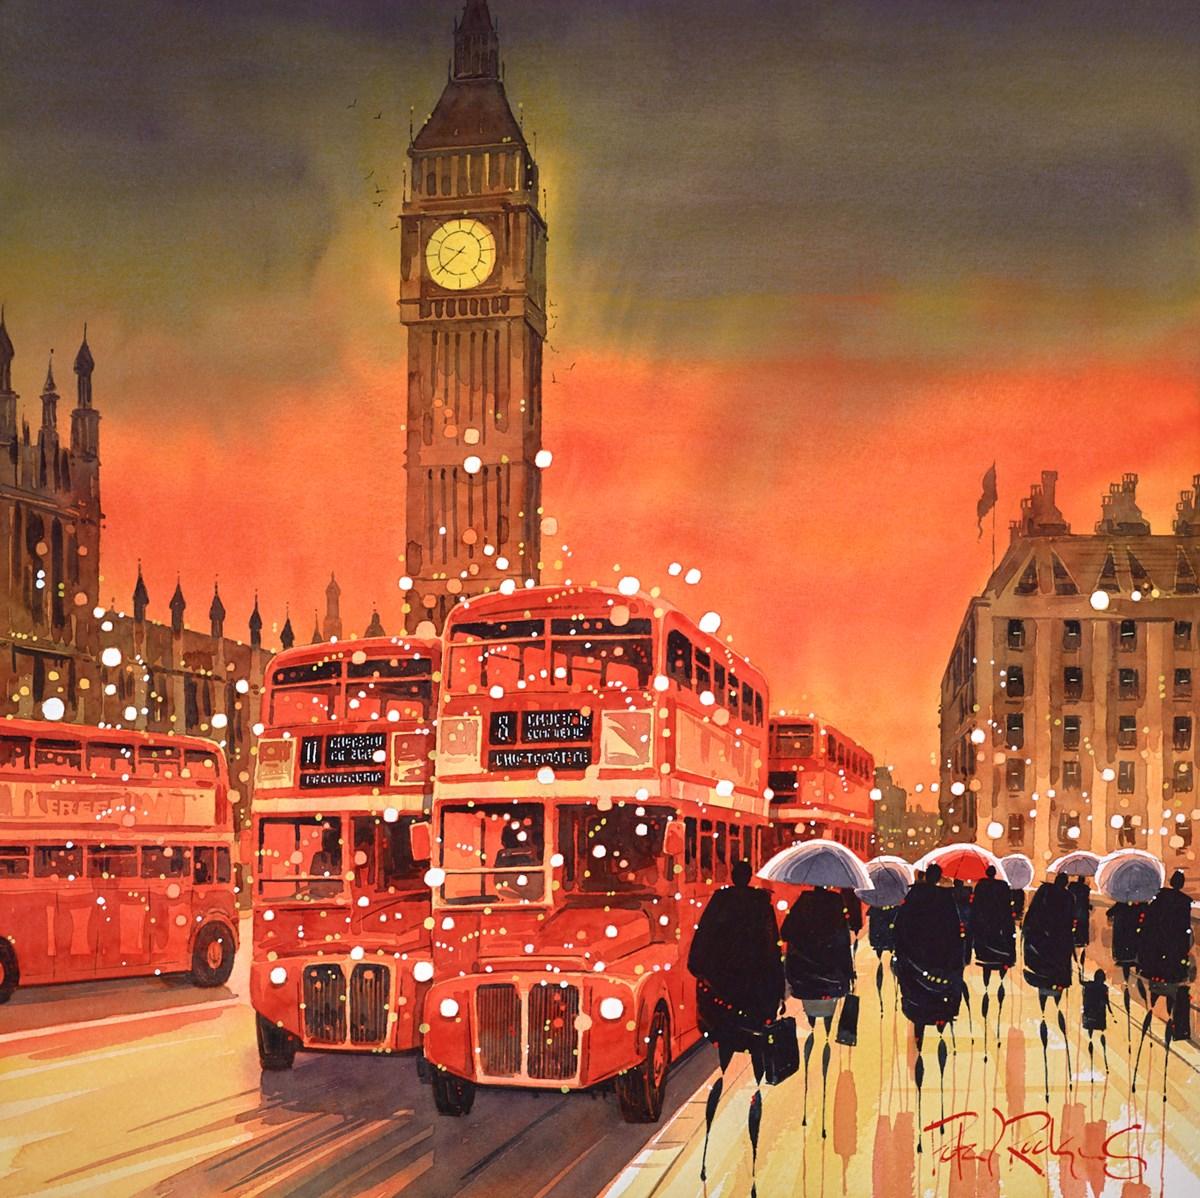 https://I1961473847.artbookresources.co.uk/Products/9485215/Image